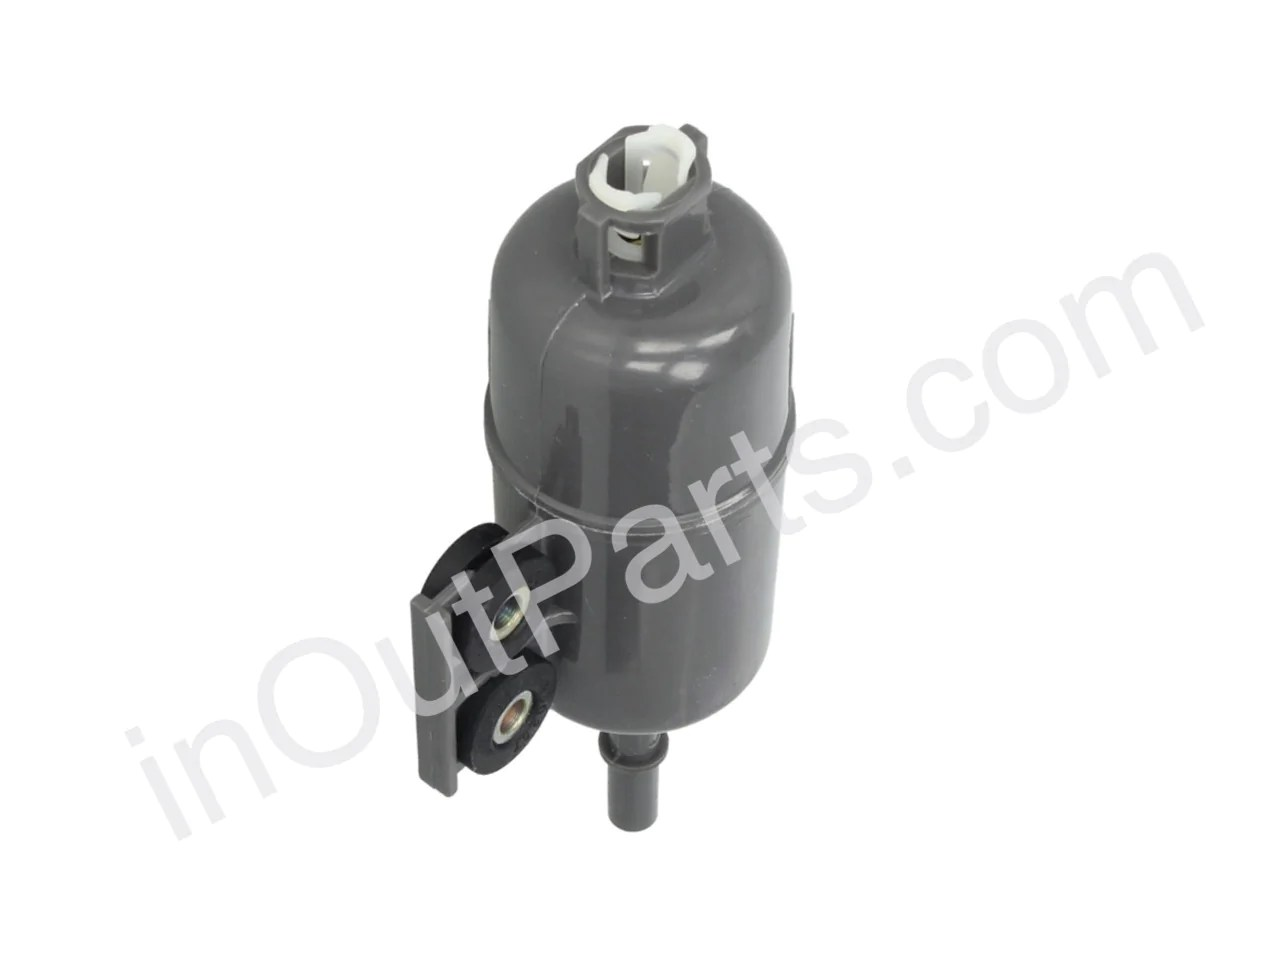 medium resolution of  fuel filter fits honda accord cf 1 6 cg2 ch7 cl2 1997 1998